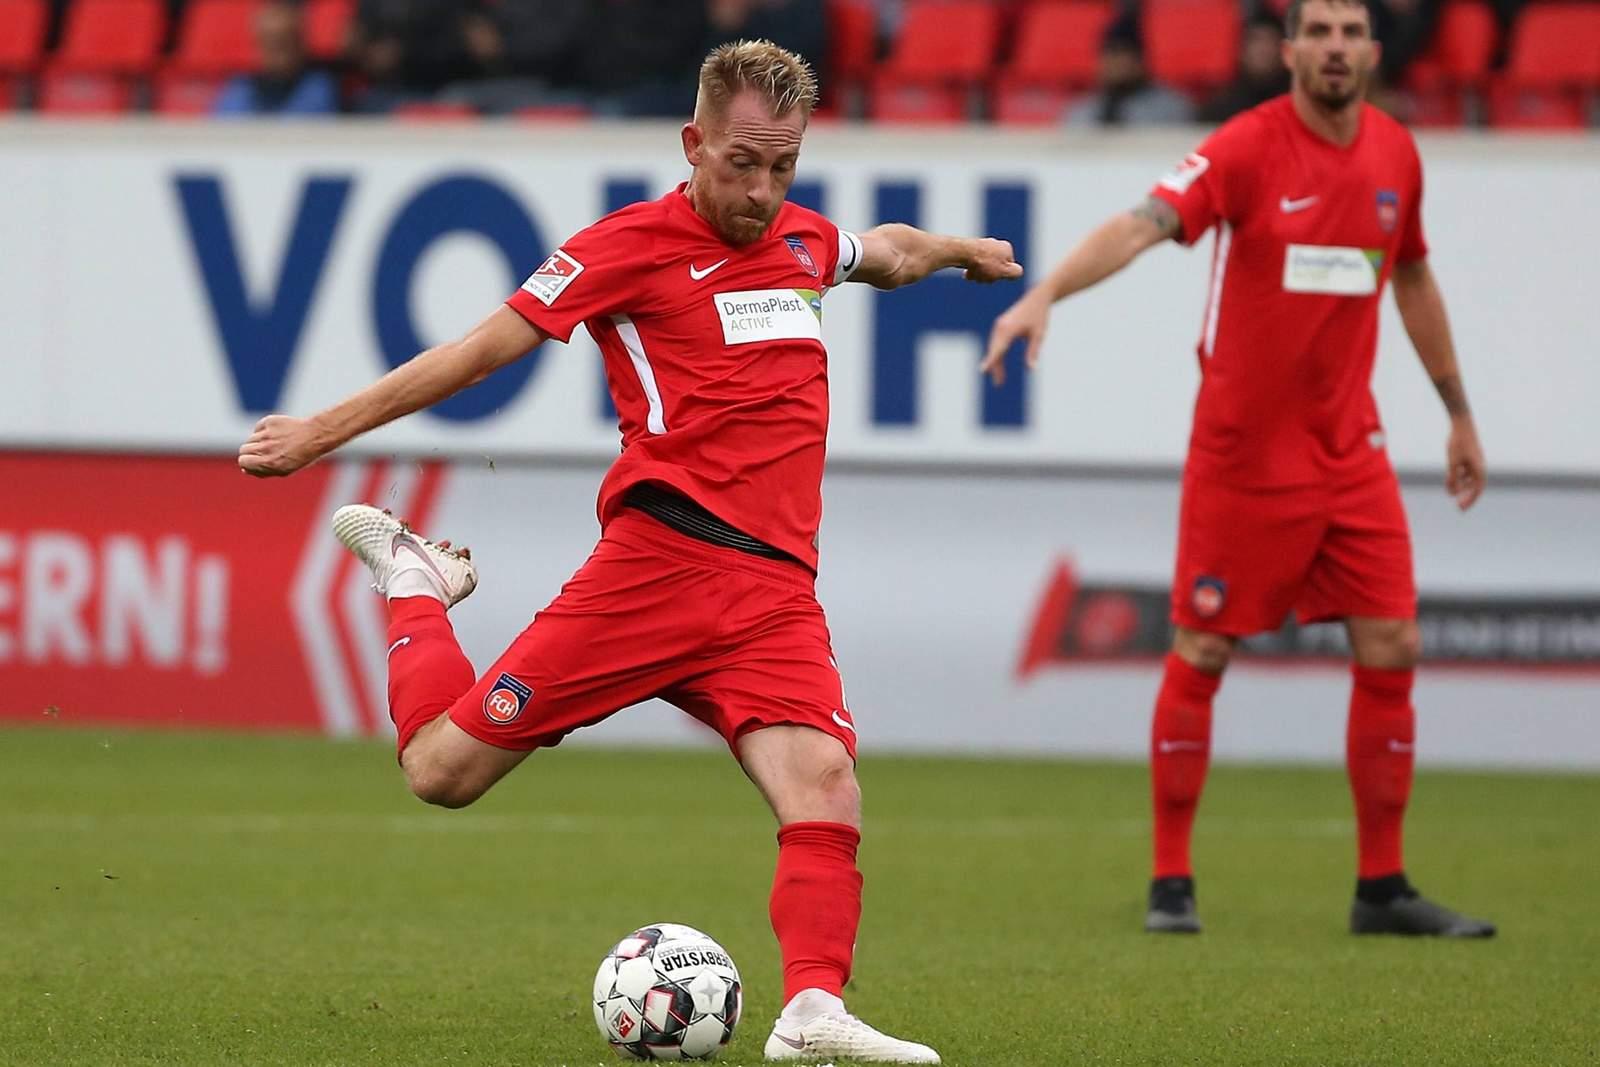 Bringt Marc Schnatterer den Ball im Tor unter? Jetzt auf Heidenheim gegen Paderborn wetten.